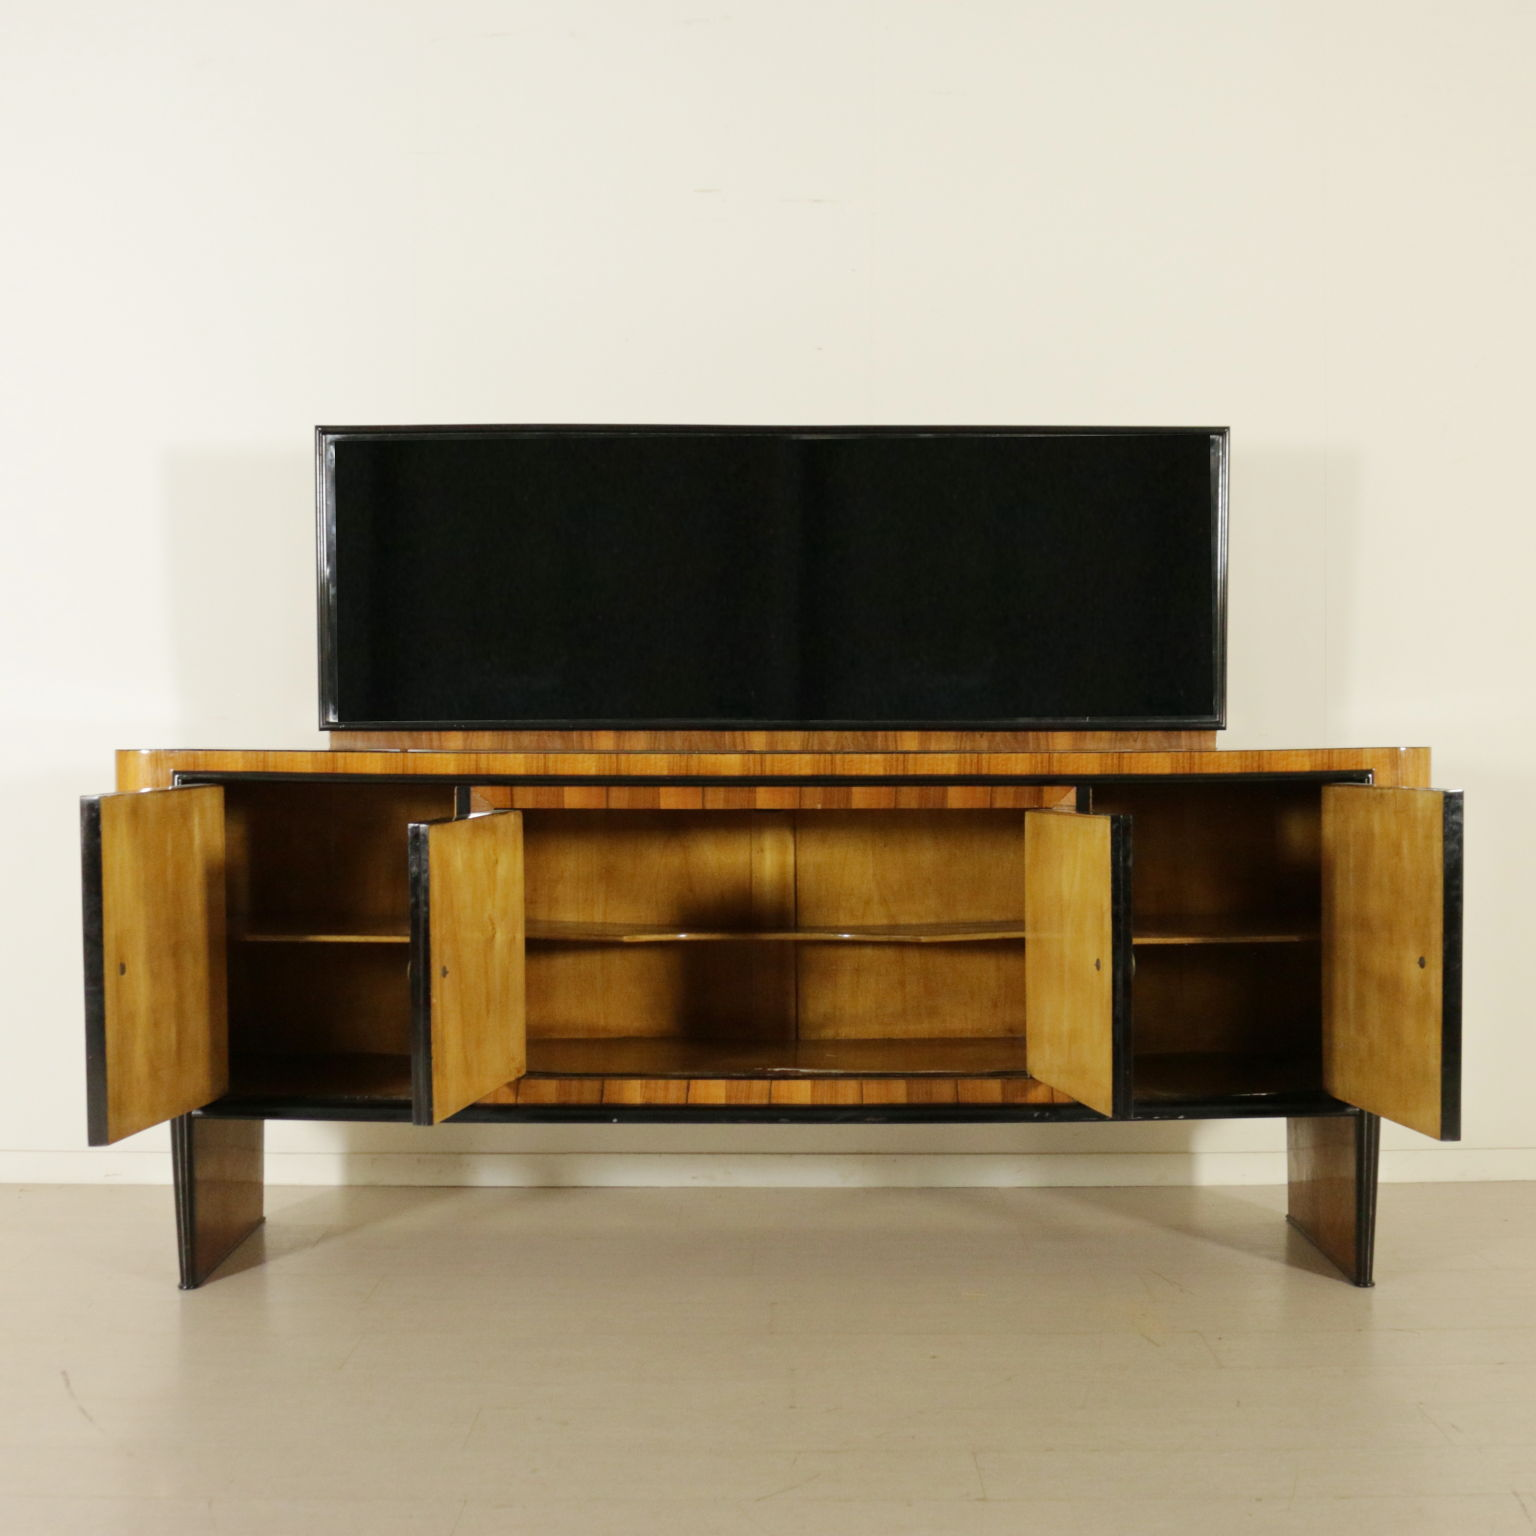 cr dence ann es 30 40 meubles design moderne. Black Bedroom Furniture Sets. Home Design Ideas